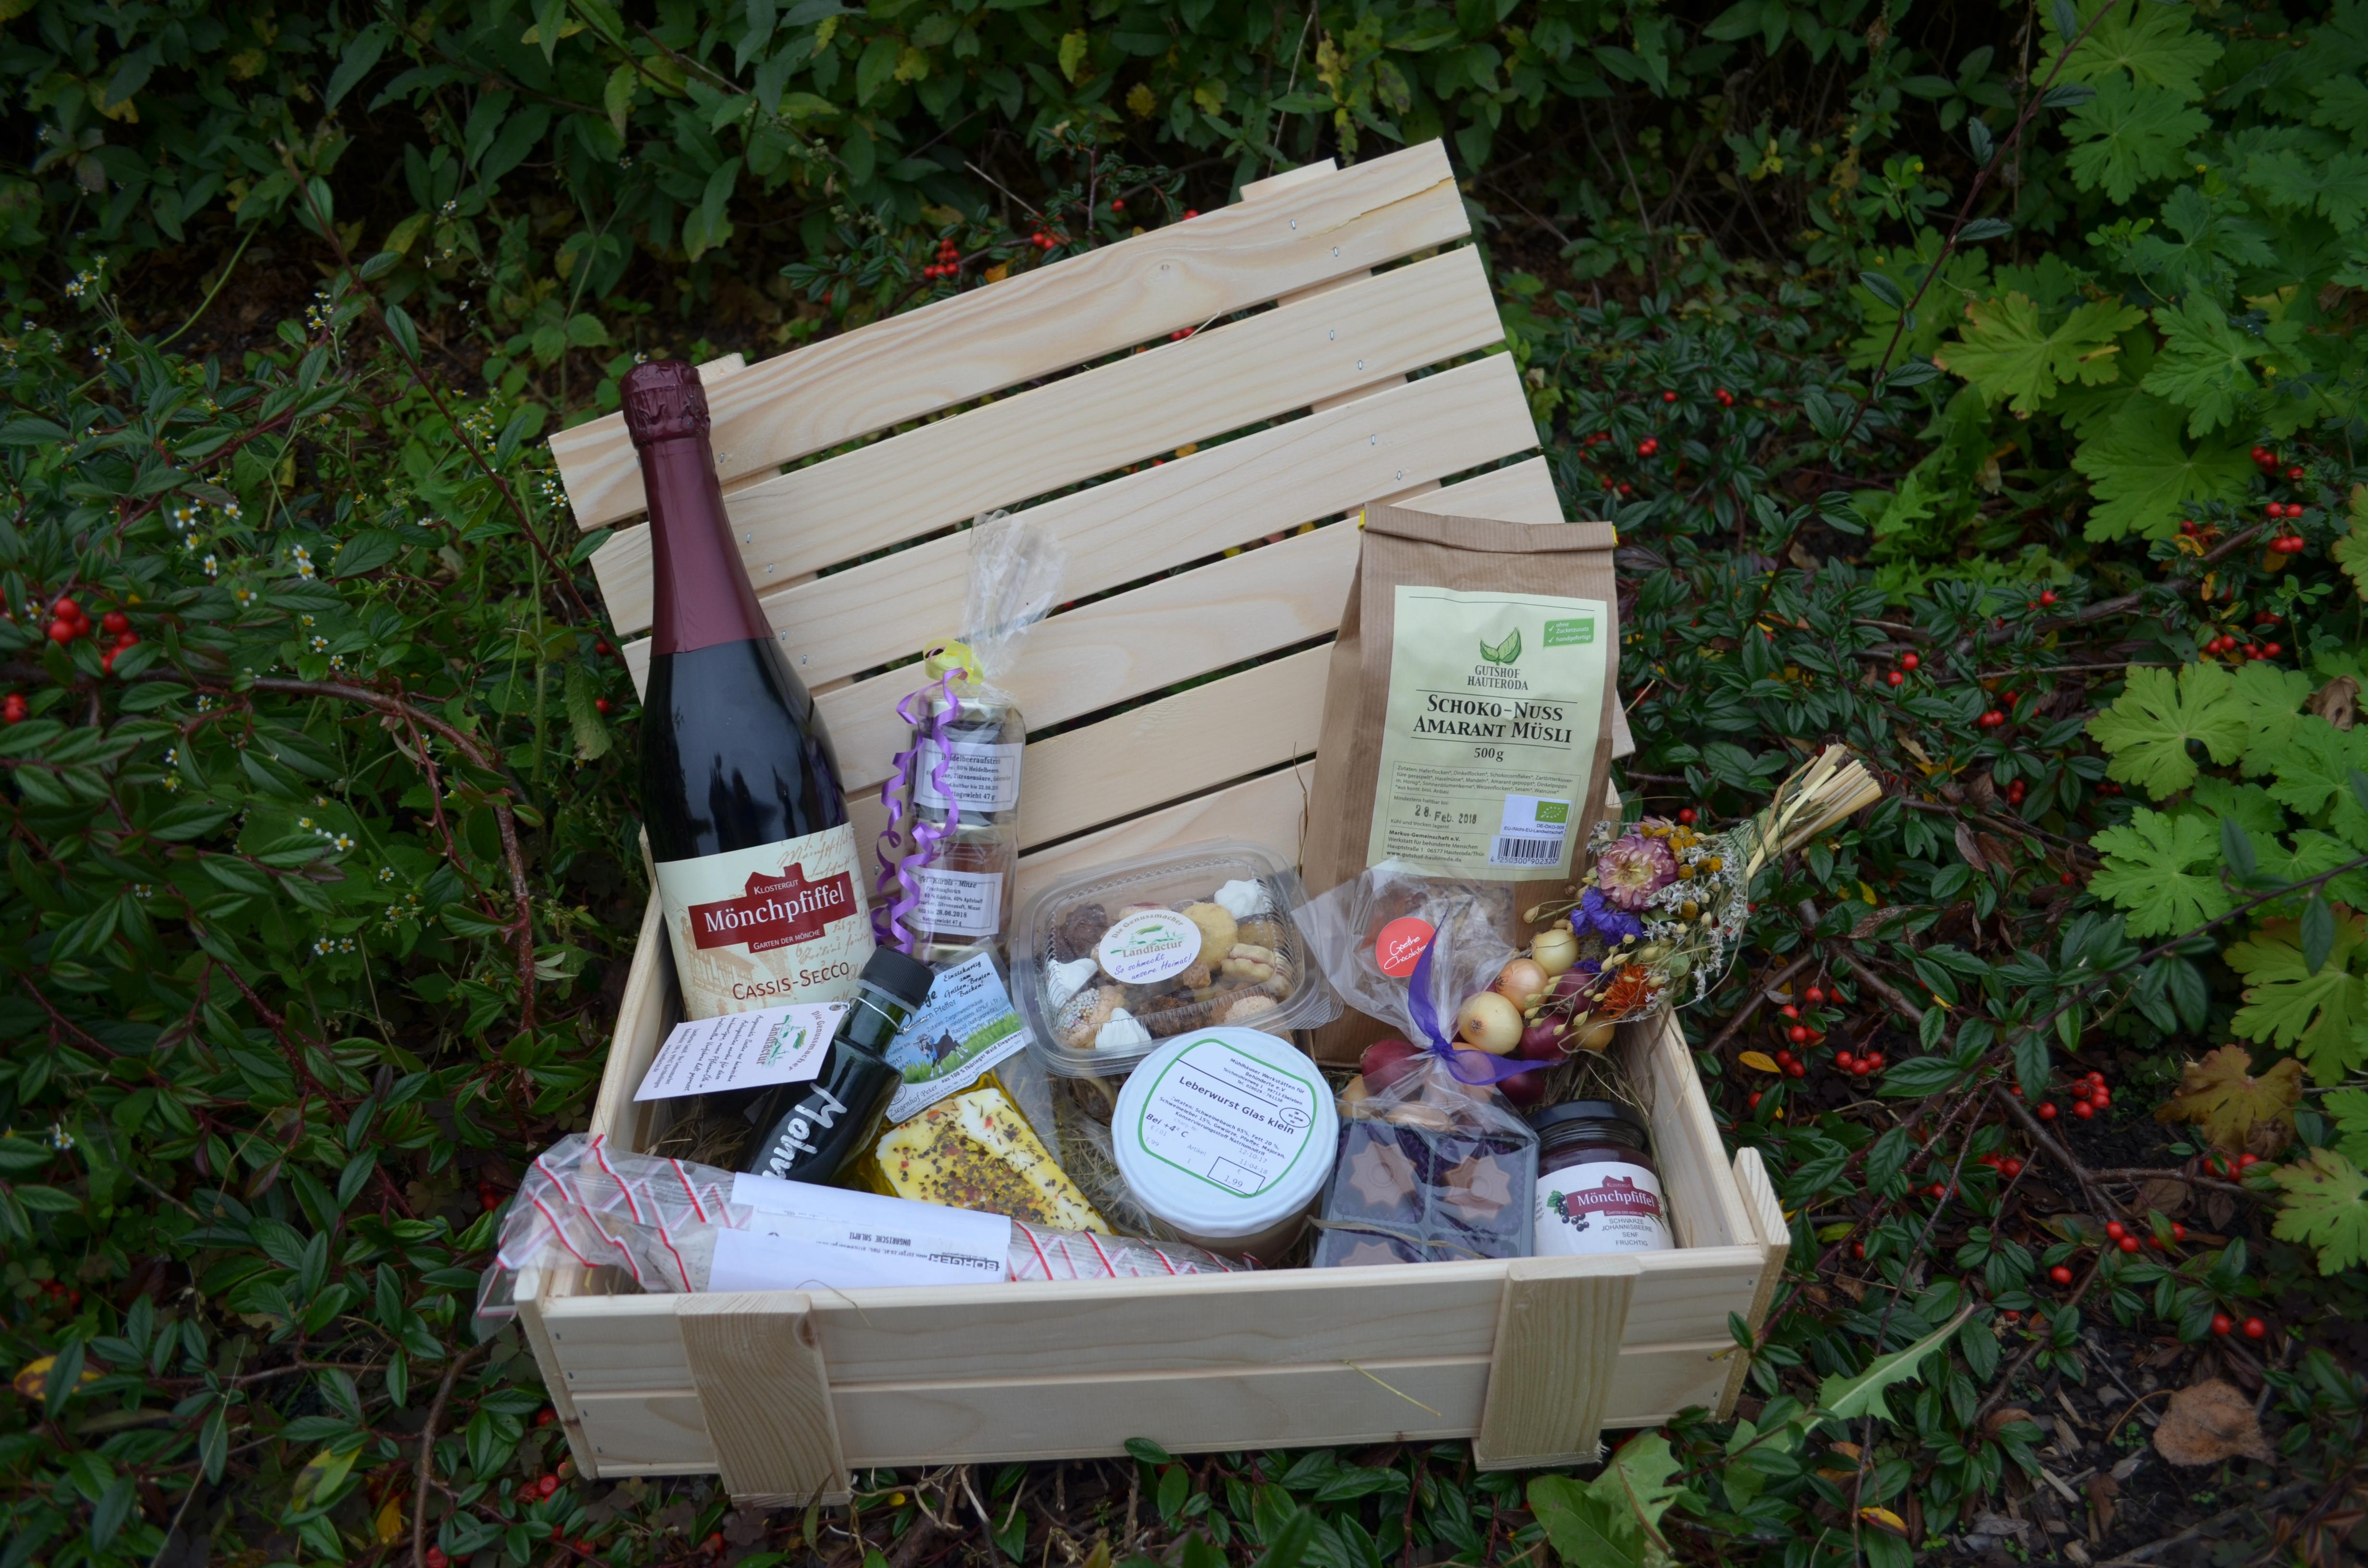 Kiste mit regionalen Kyffhäuser Spezialitäten , Foto: RAG Kyffhäuser e.V.